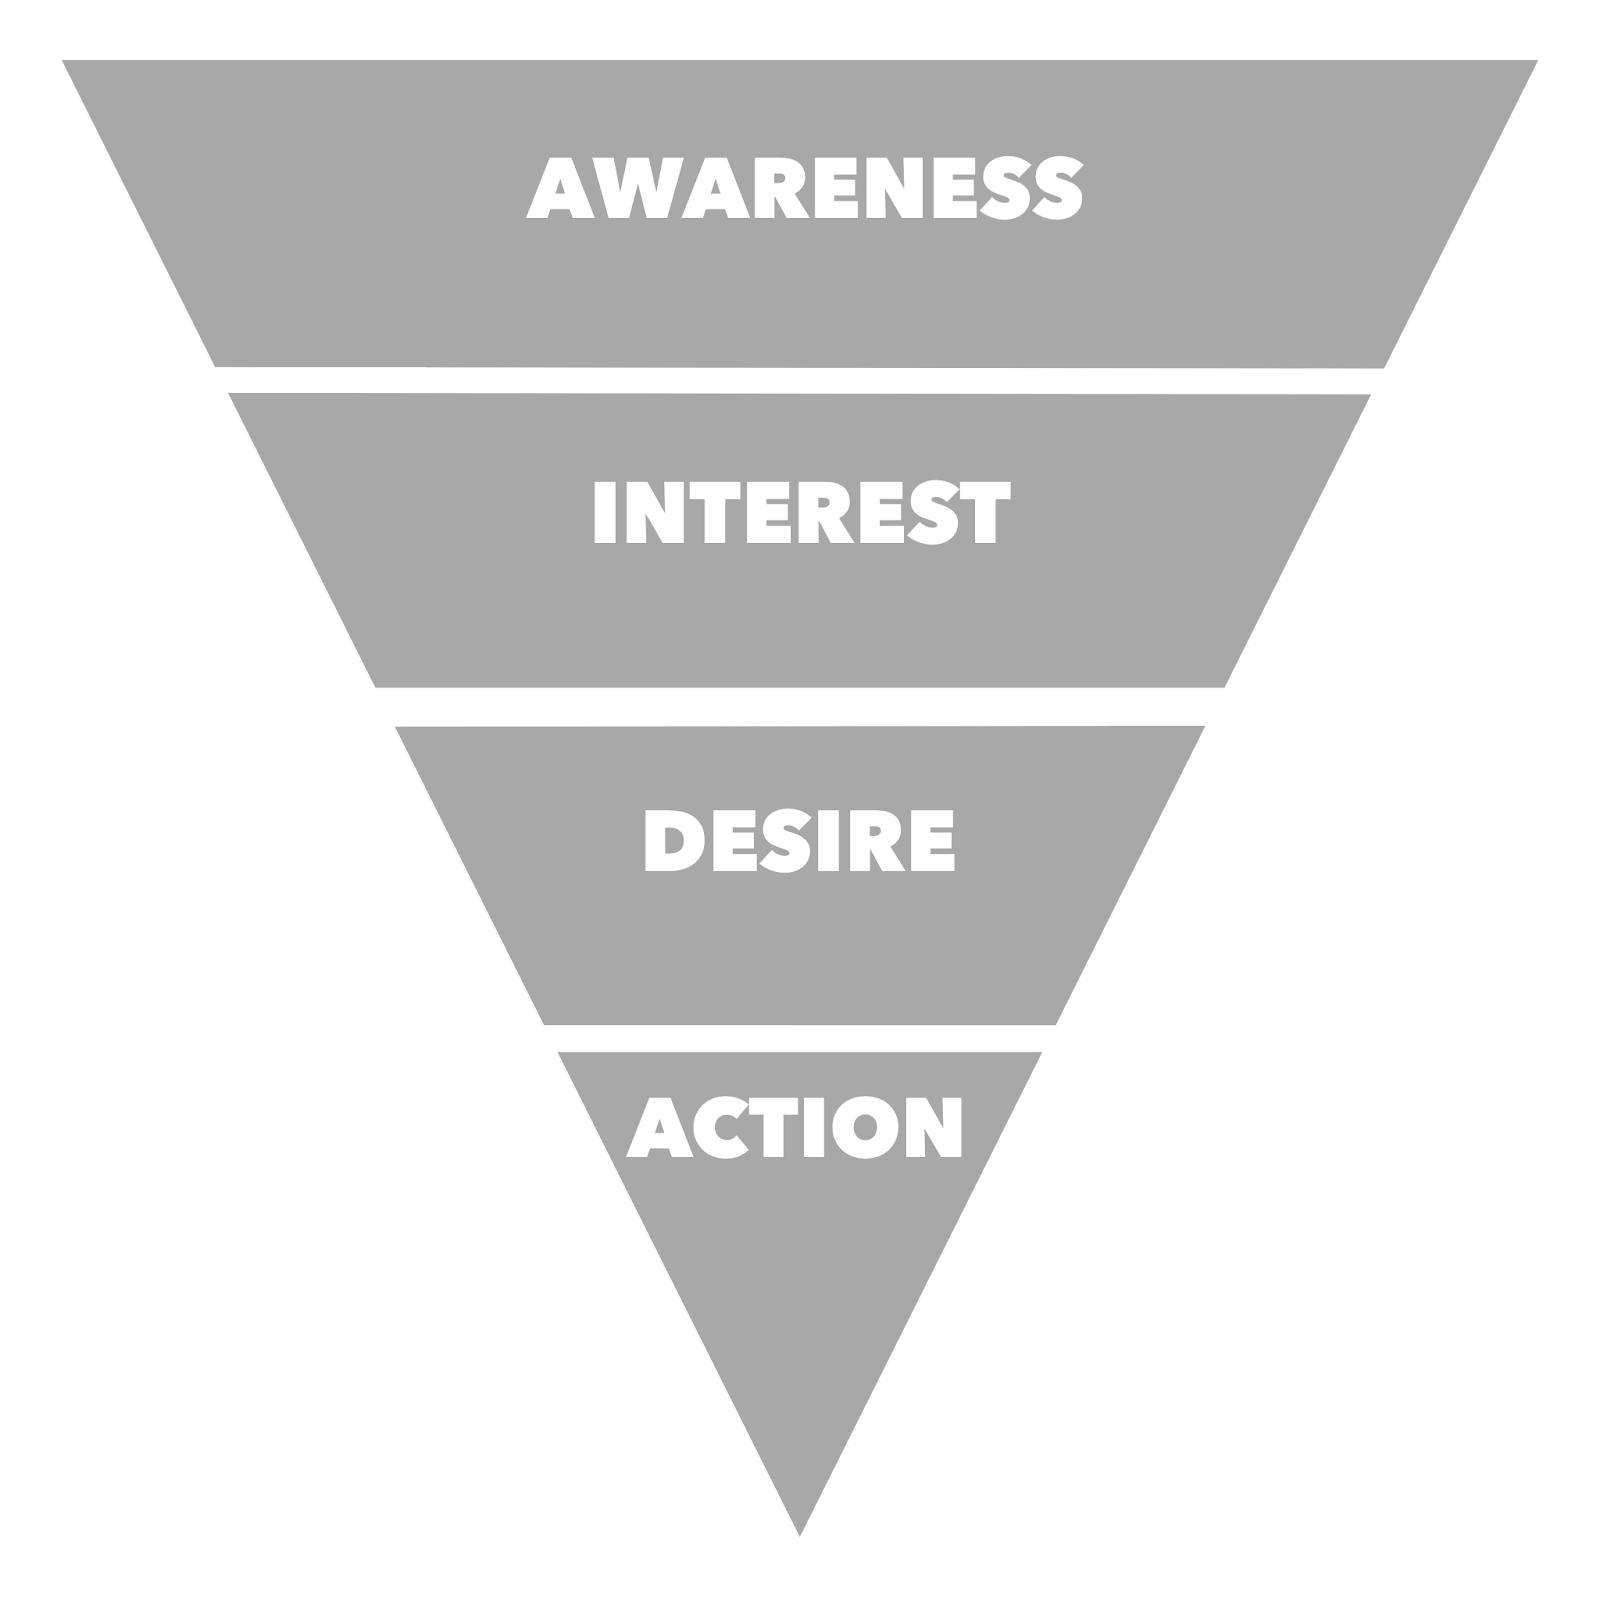 Le modèle AIDA pour convertir un prospect en client